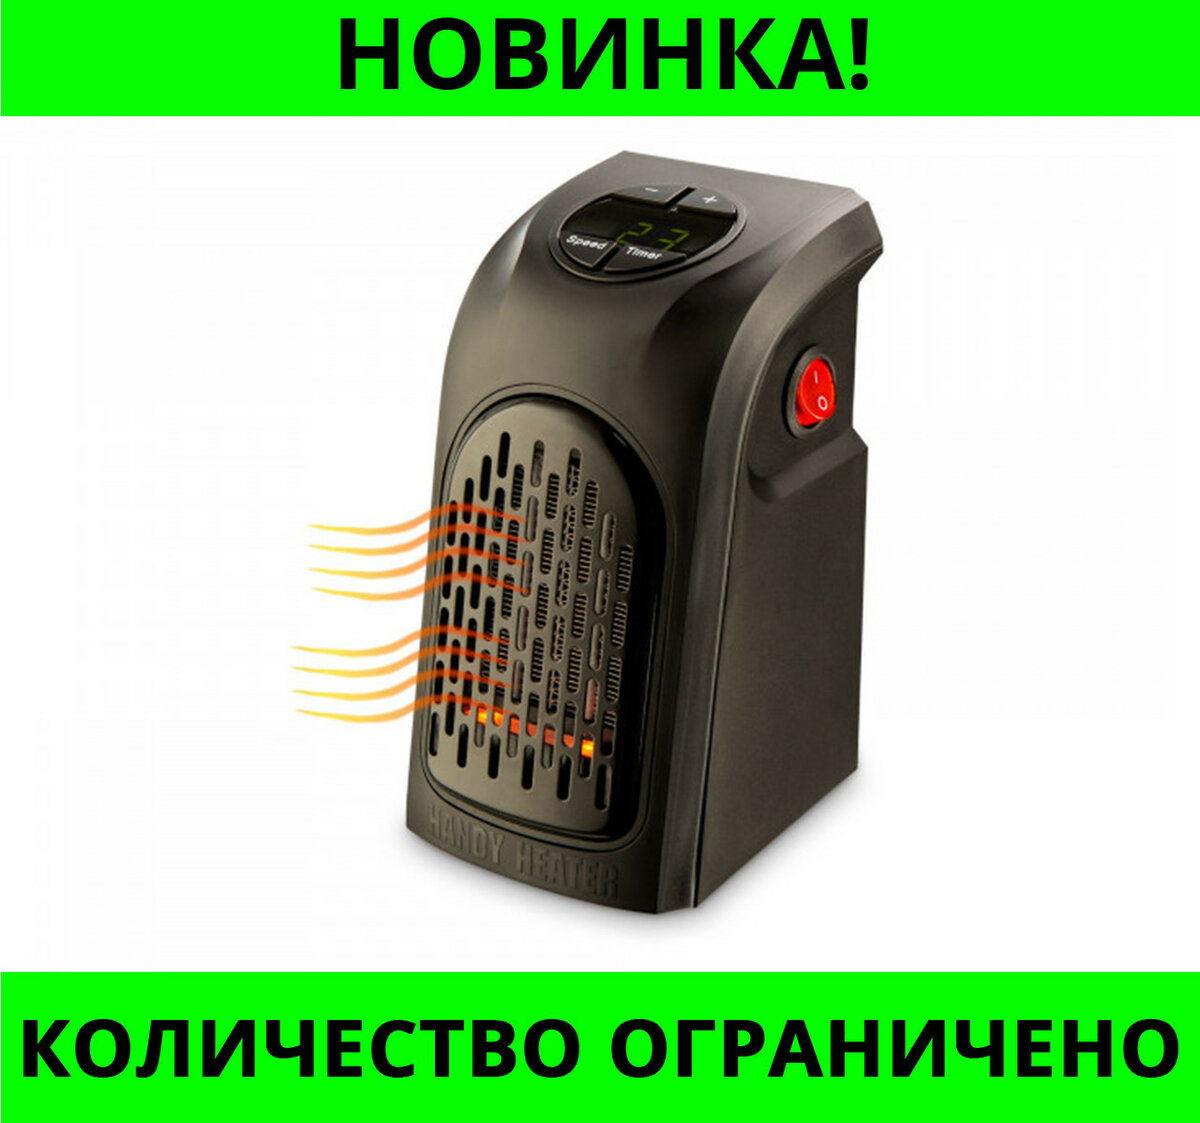 Компактный и мощный обогреватель Handy Heater в Усть-Каменогорске